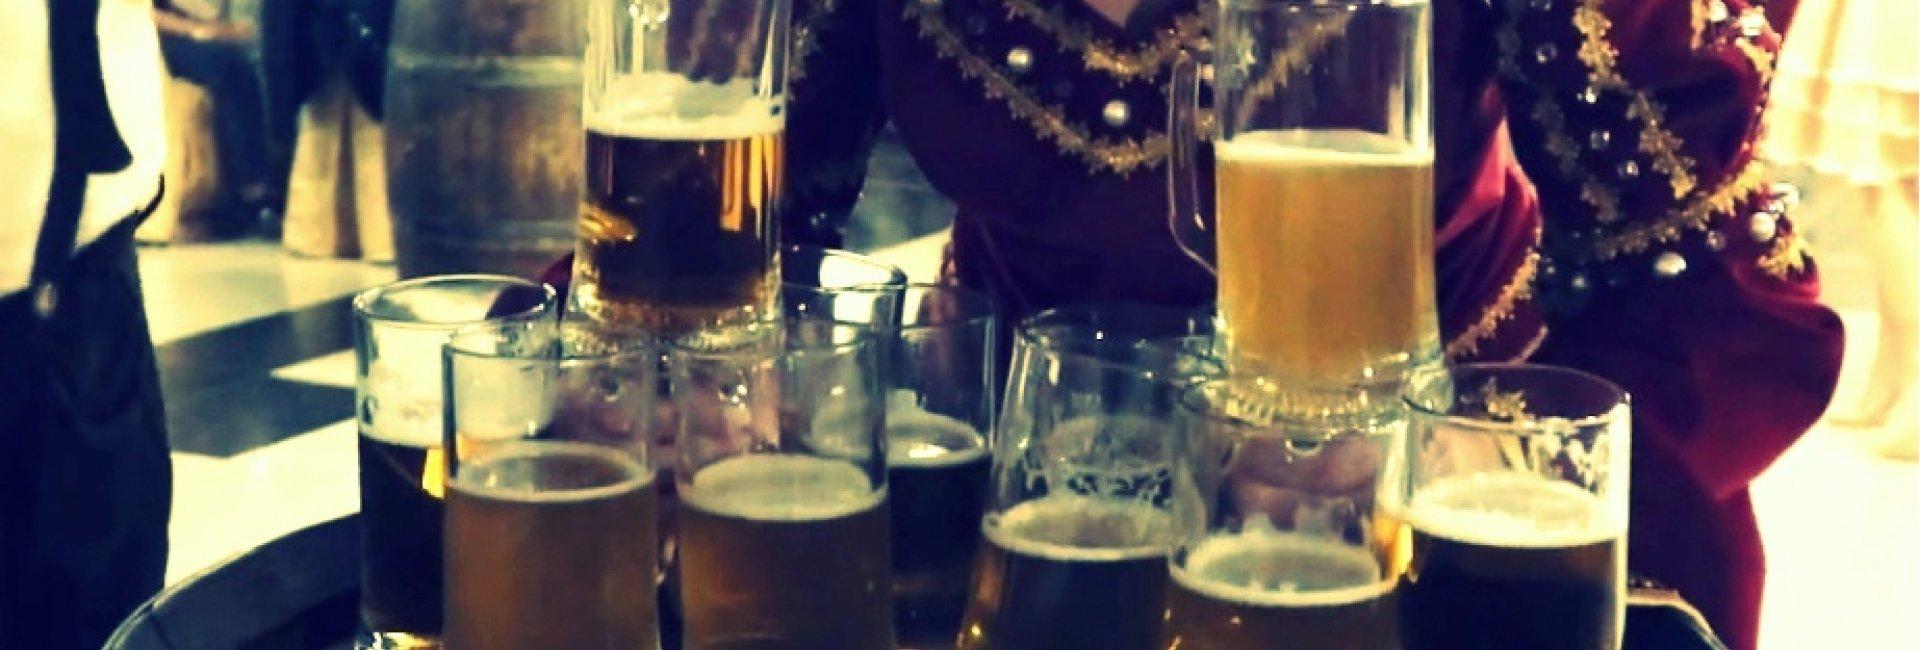 Beer feast